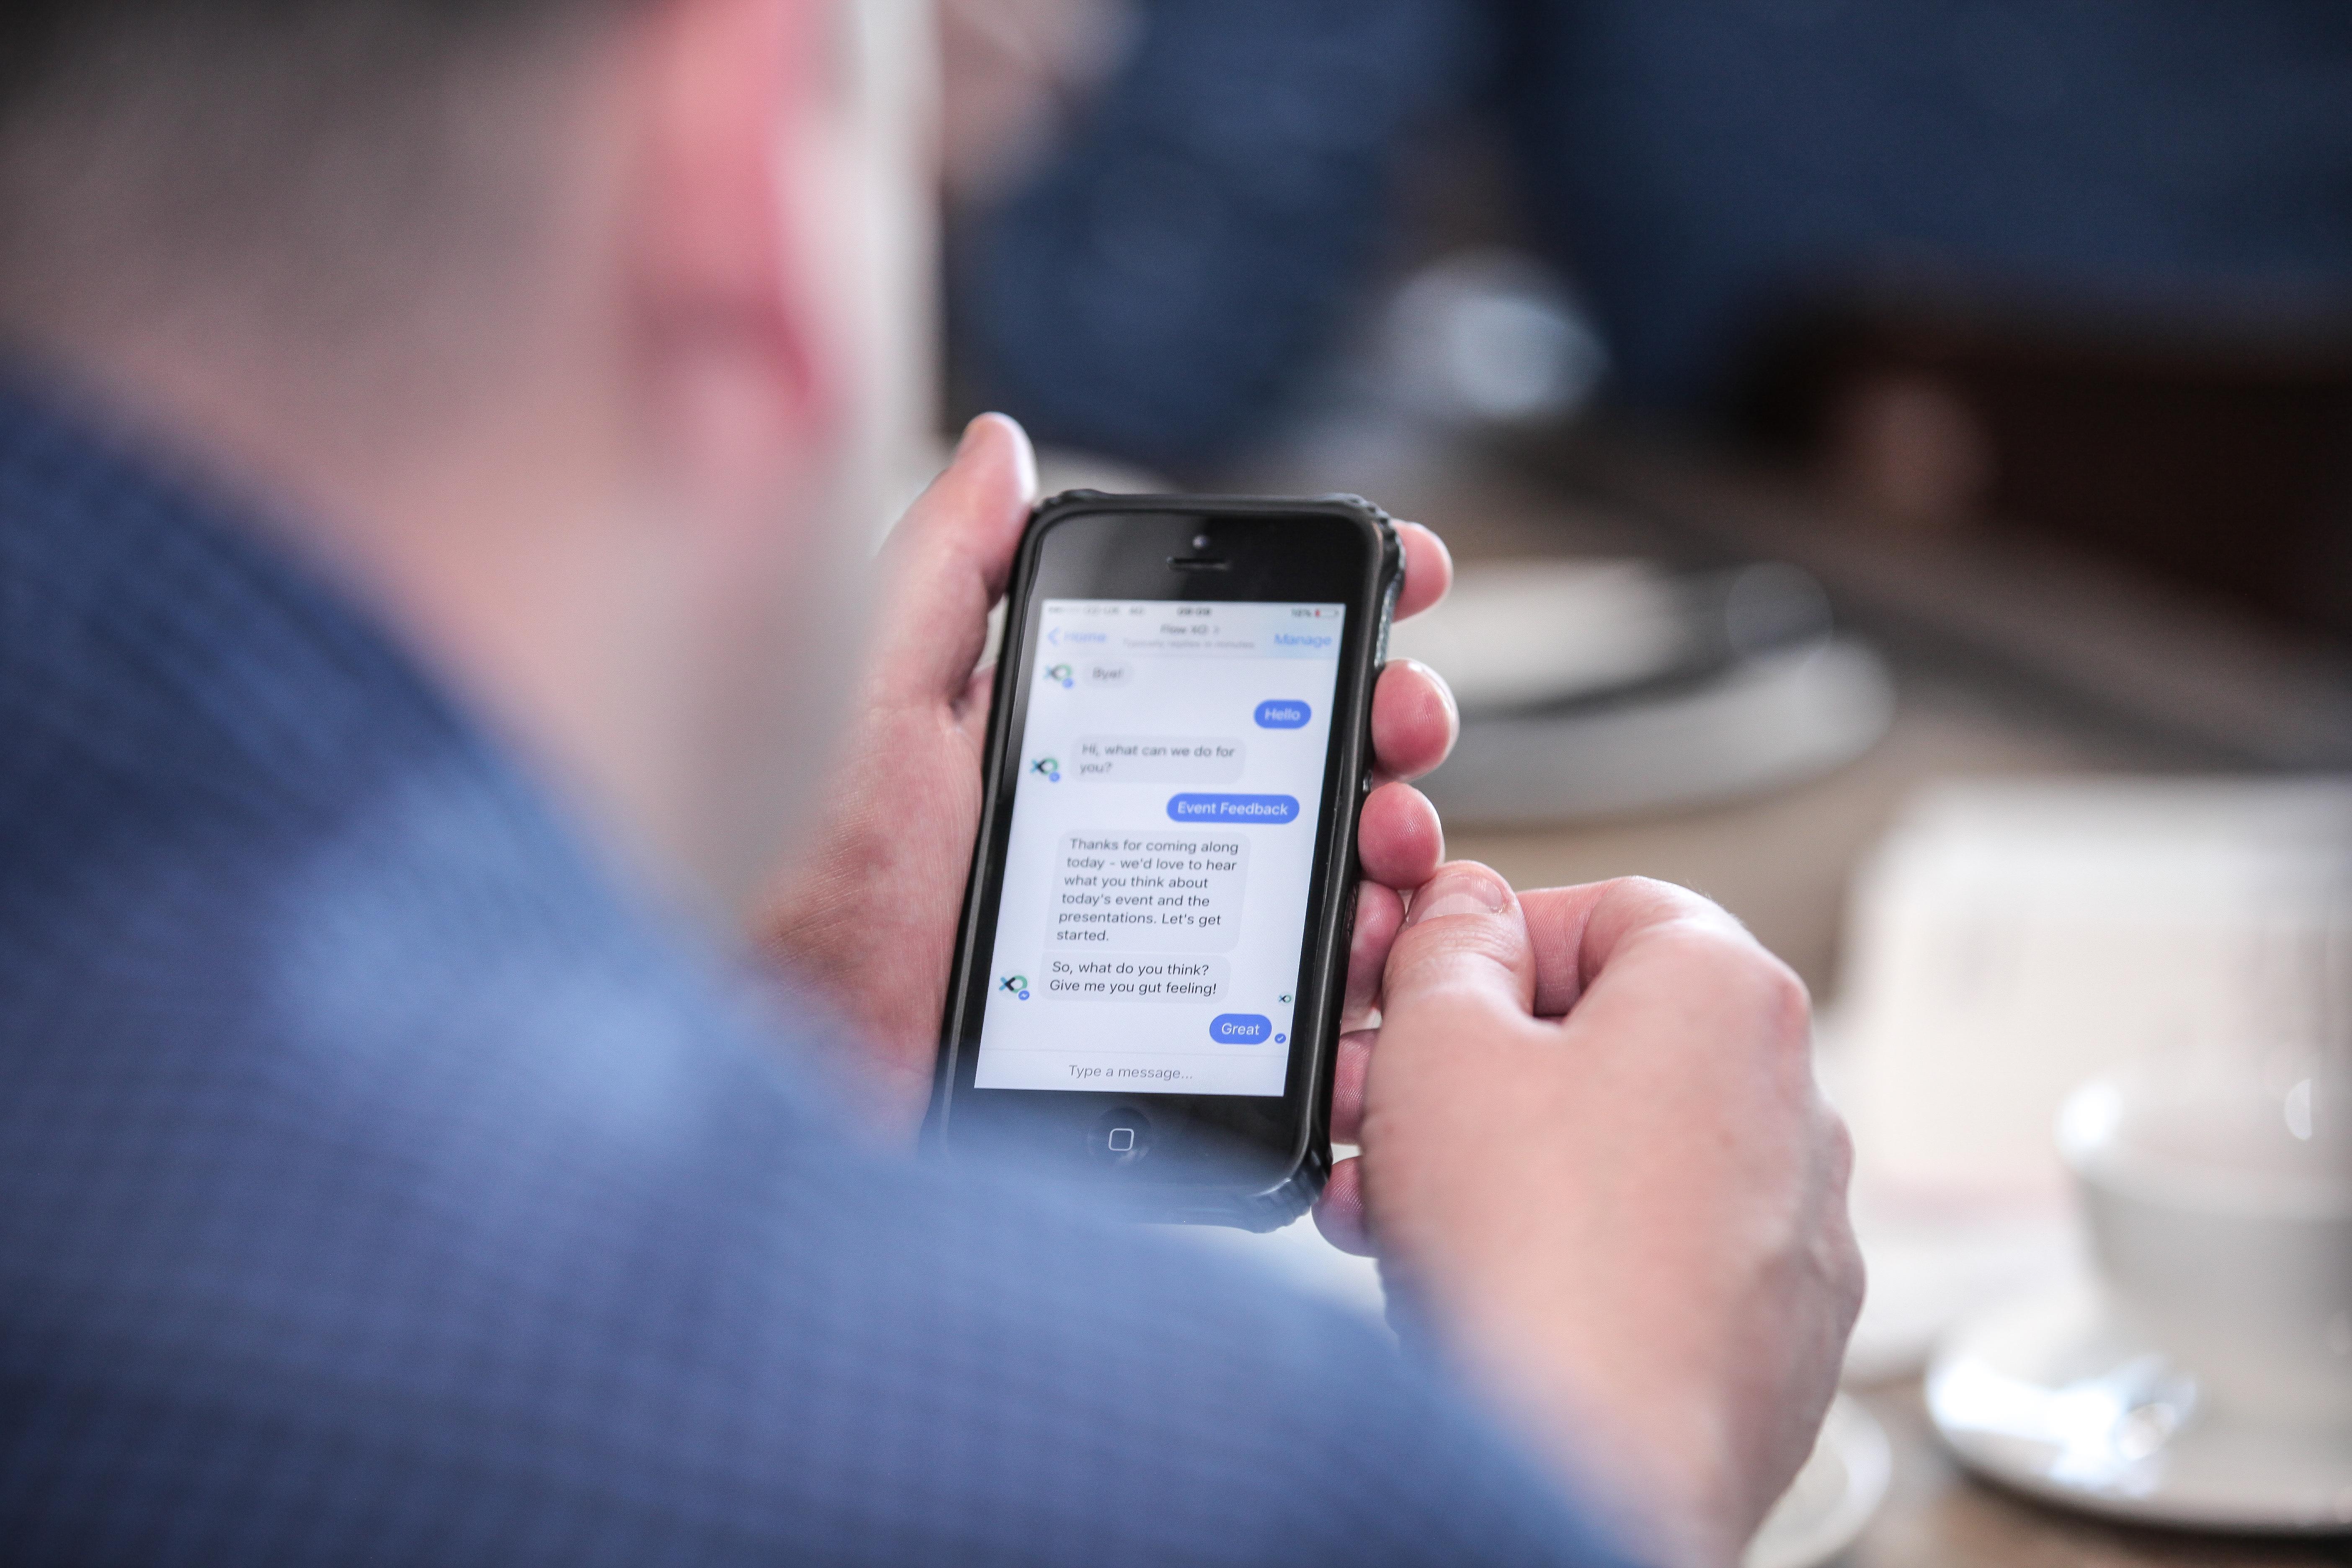 ผลสำรวจ facebook ปีนี้พบว่า engagement ใน facebook ลดลง